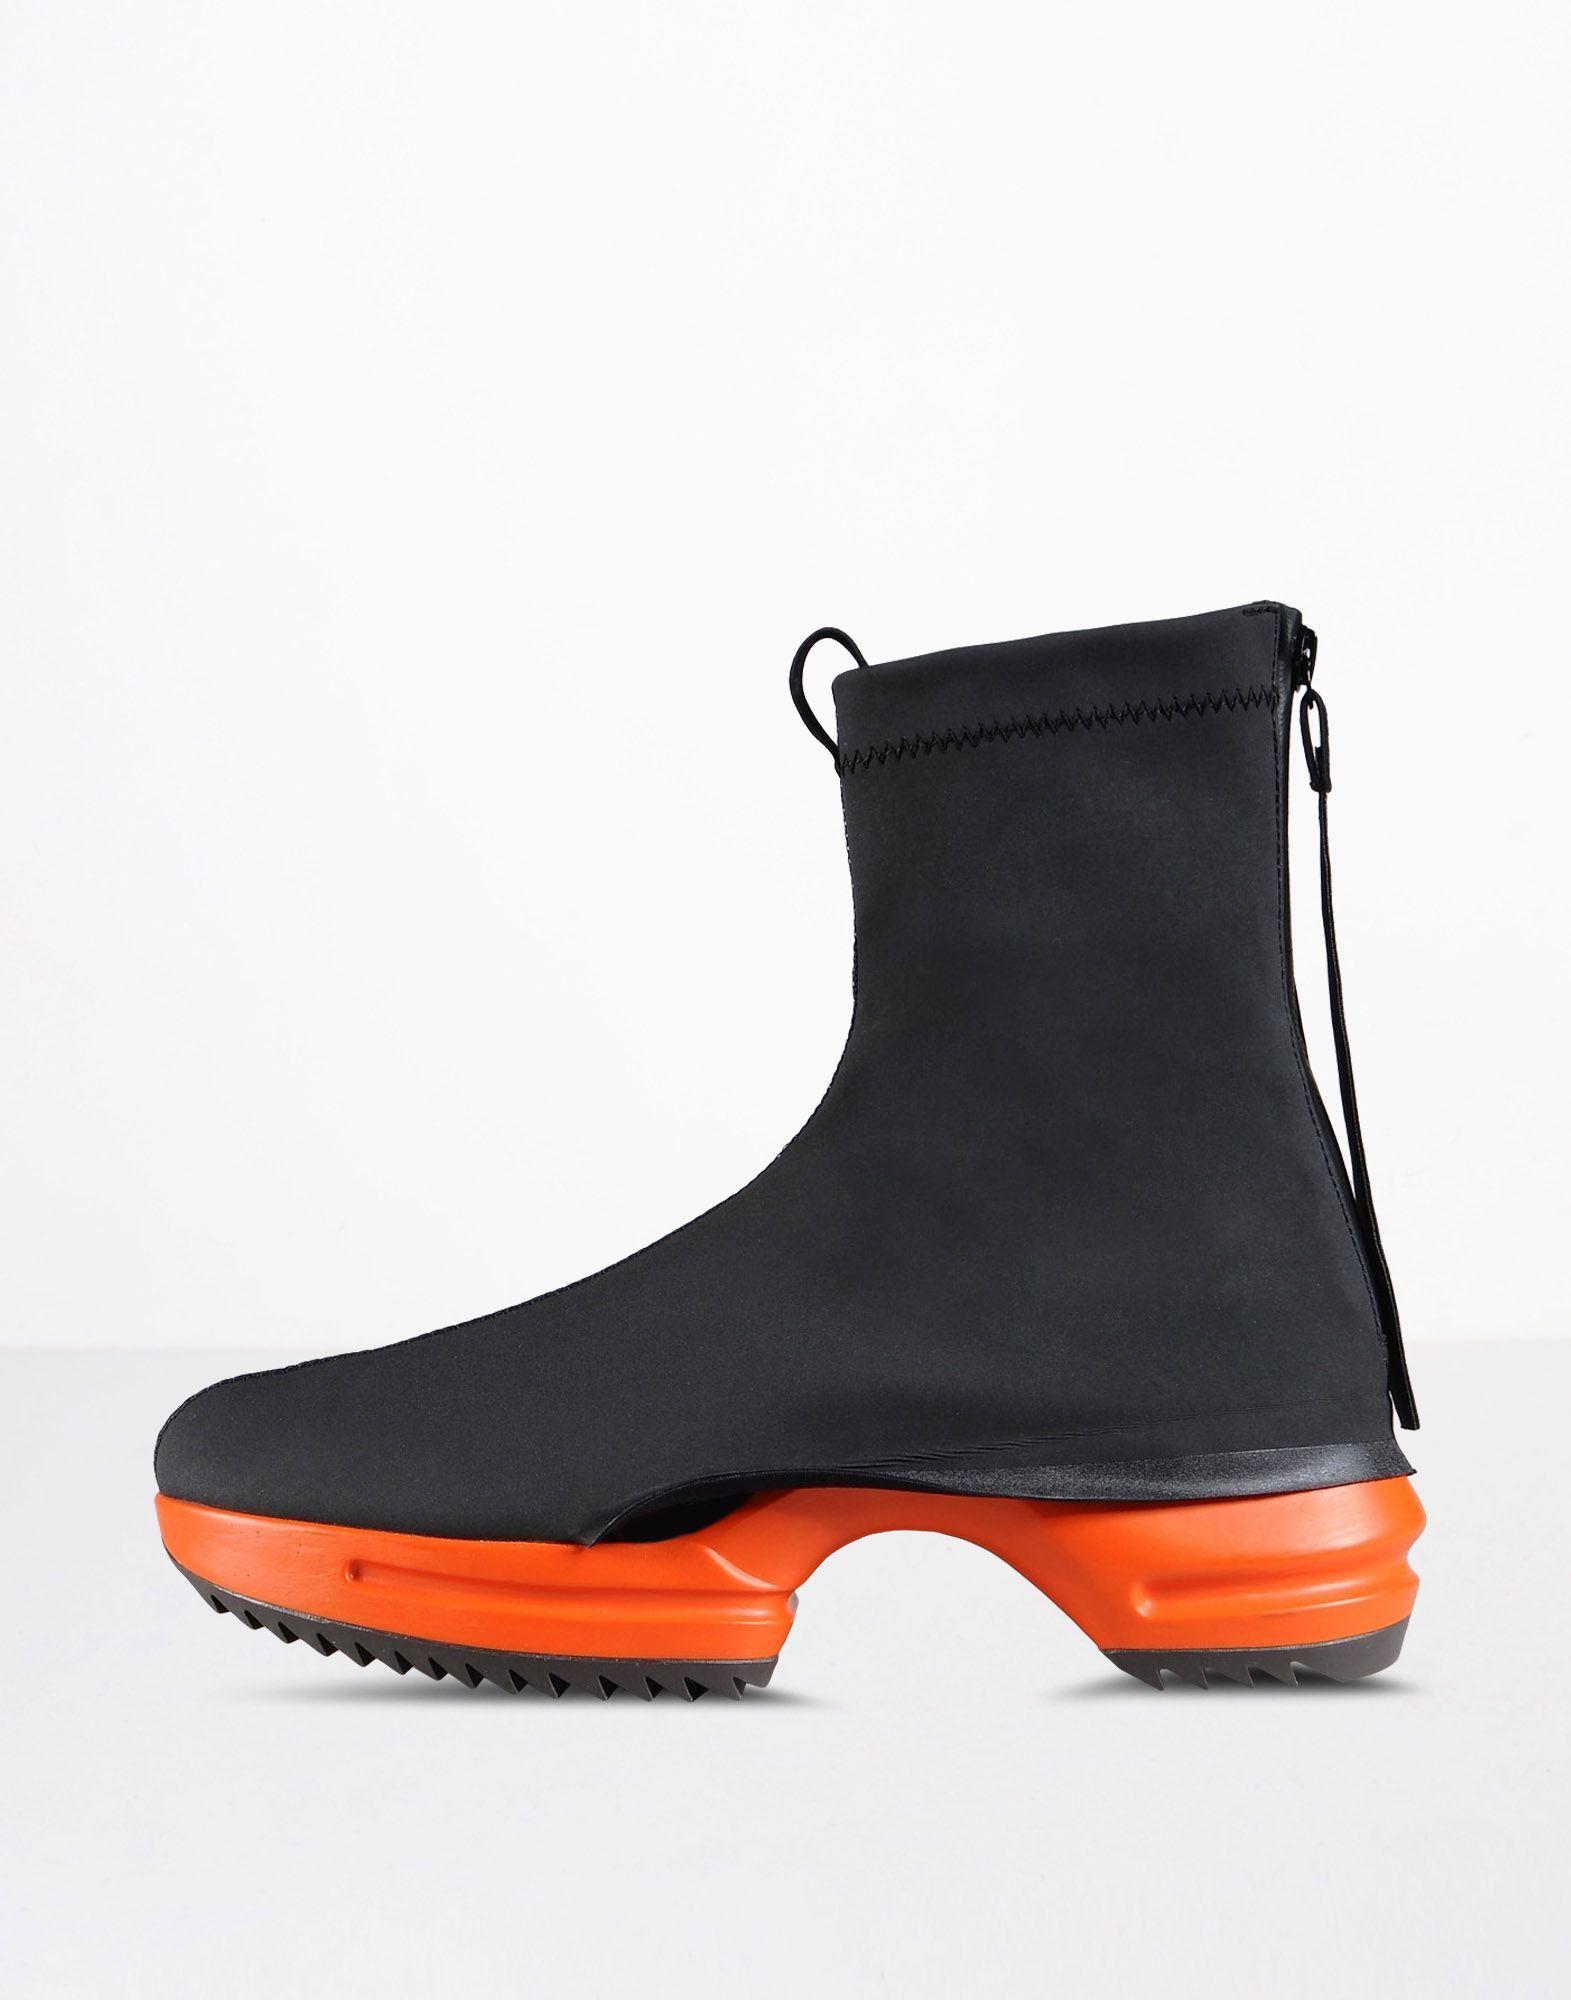 Y 3 TORAI PLATFORM SCHUHE für Sie Y 3 adidas | shoes